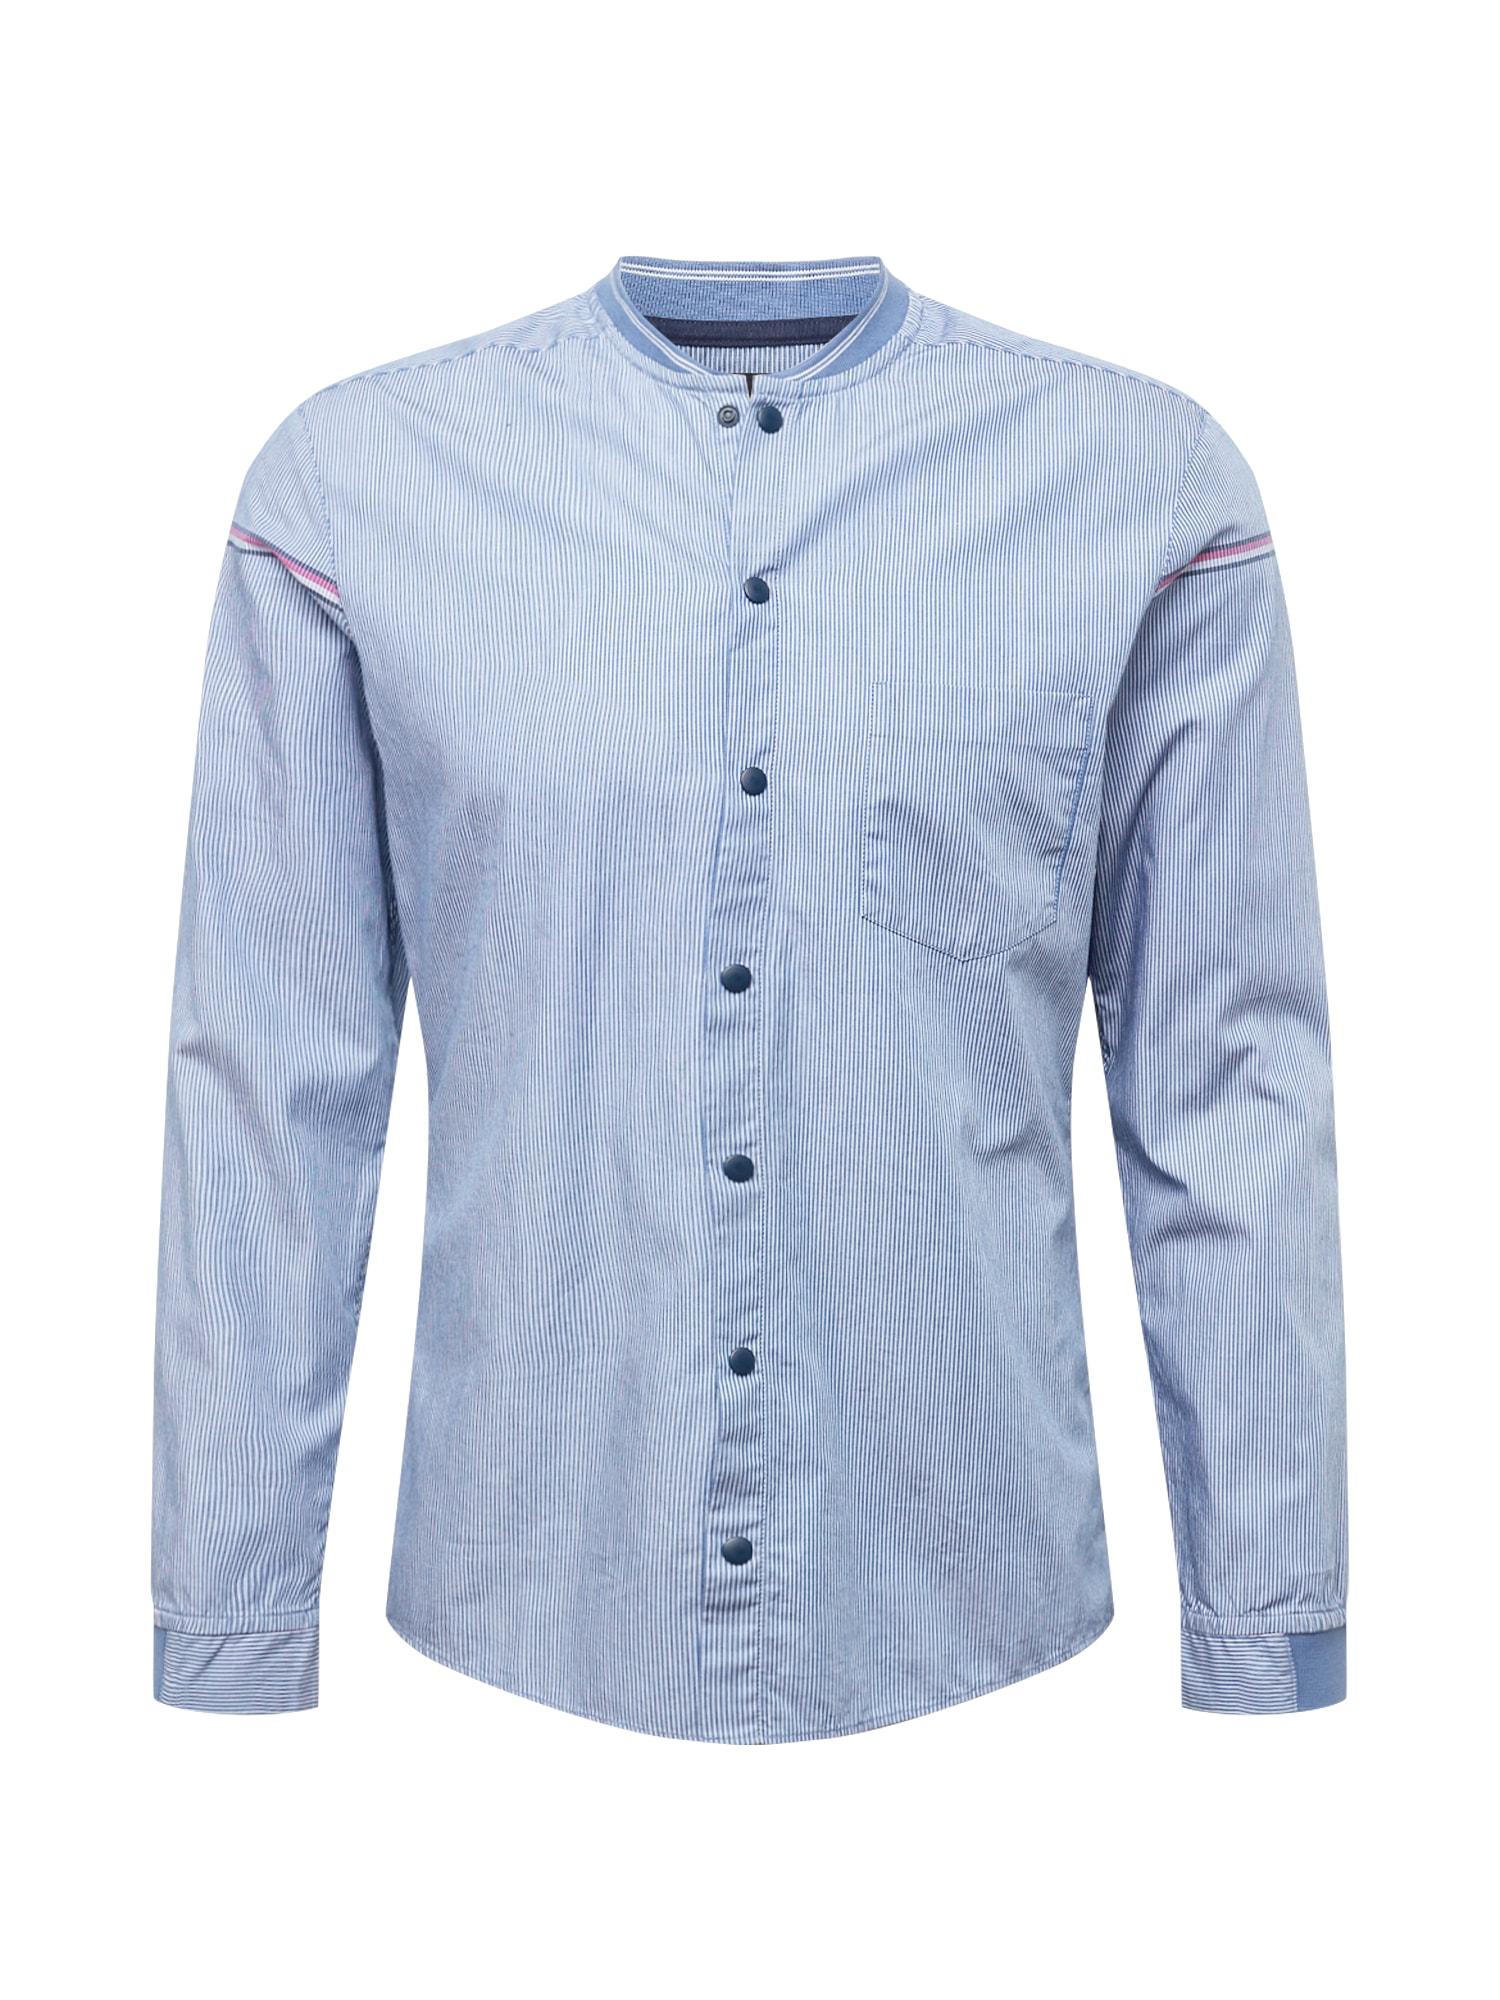 BOSS ATHLEISURE Marškiniai